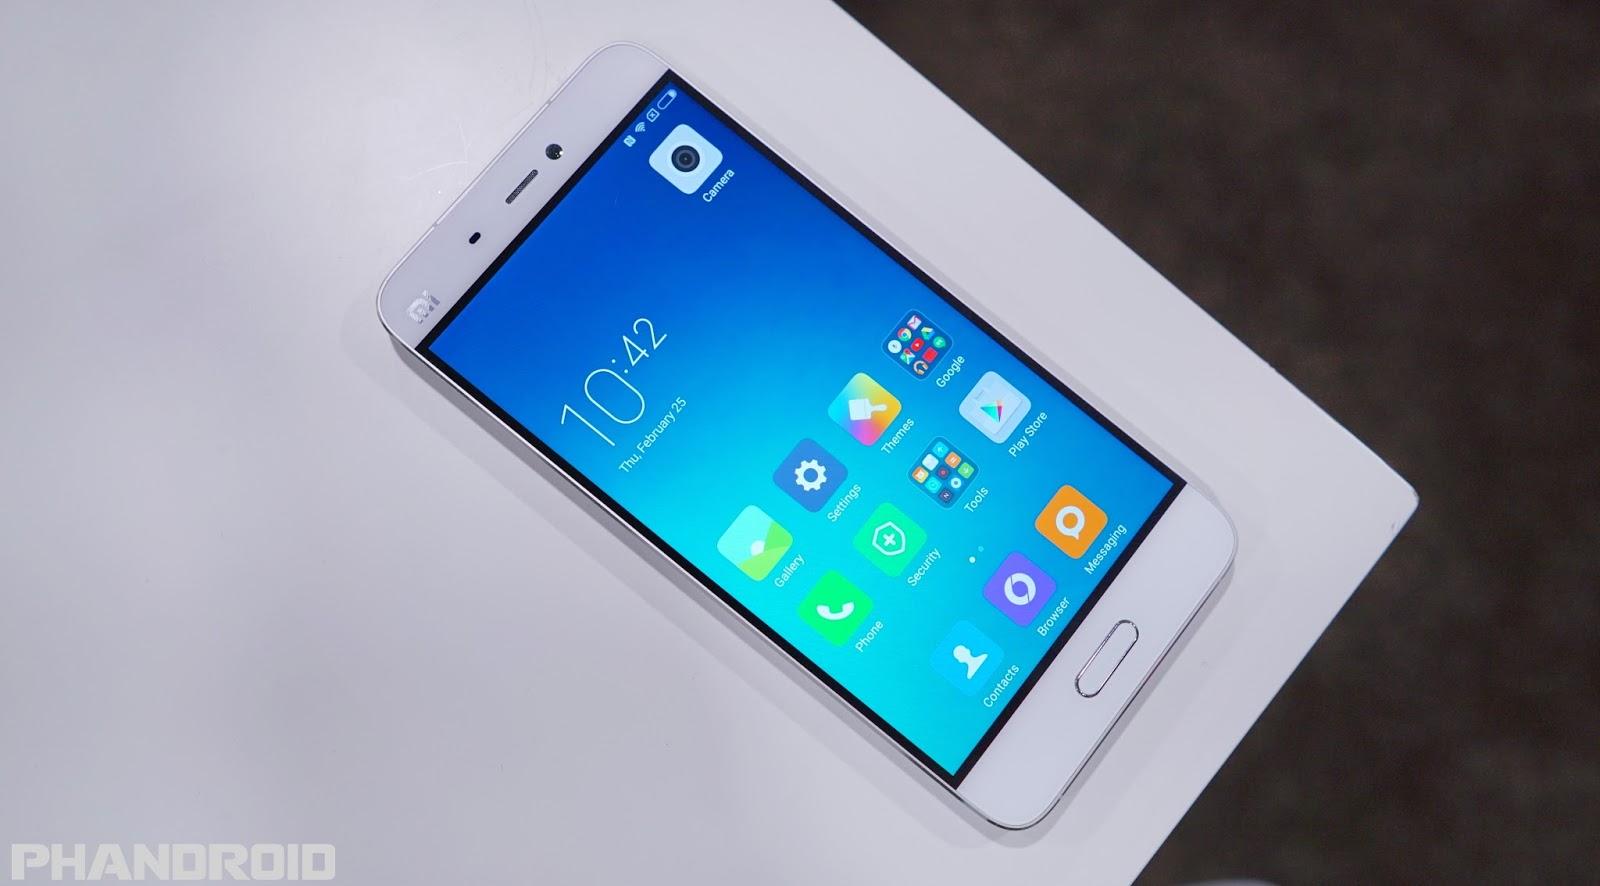 Xaomi Mi 5 já começa a receber a MIUI 8 com Android Nougat